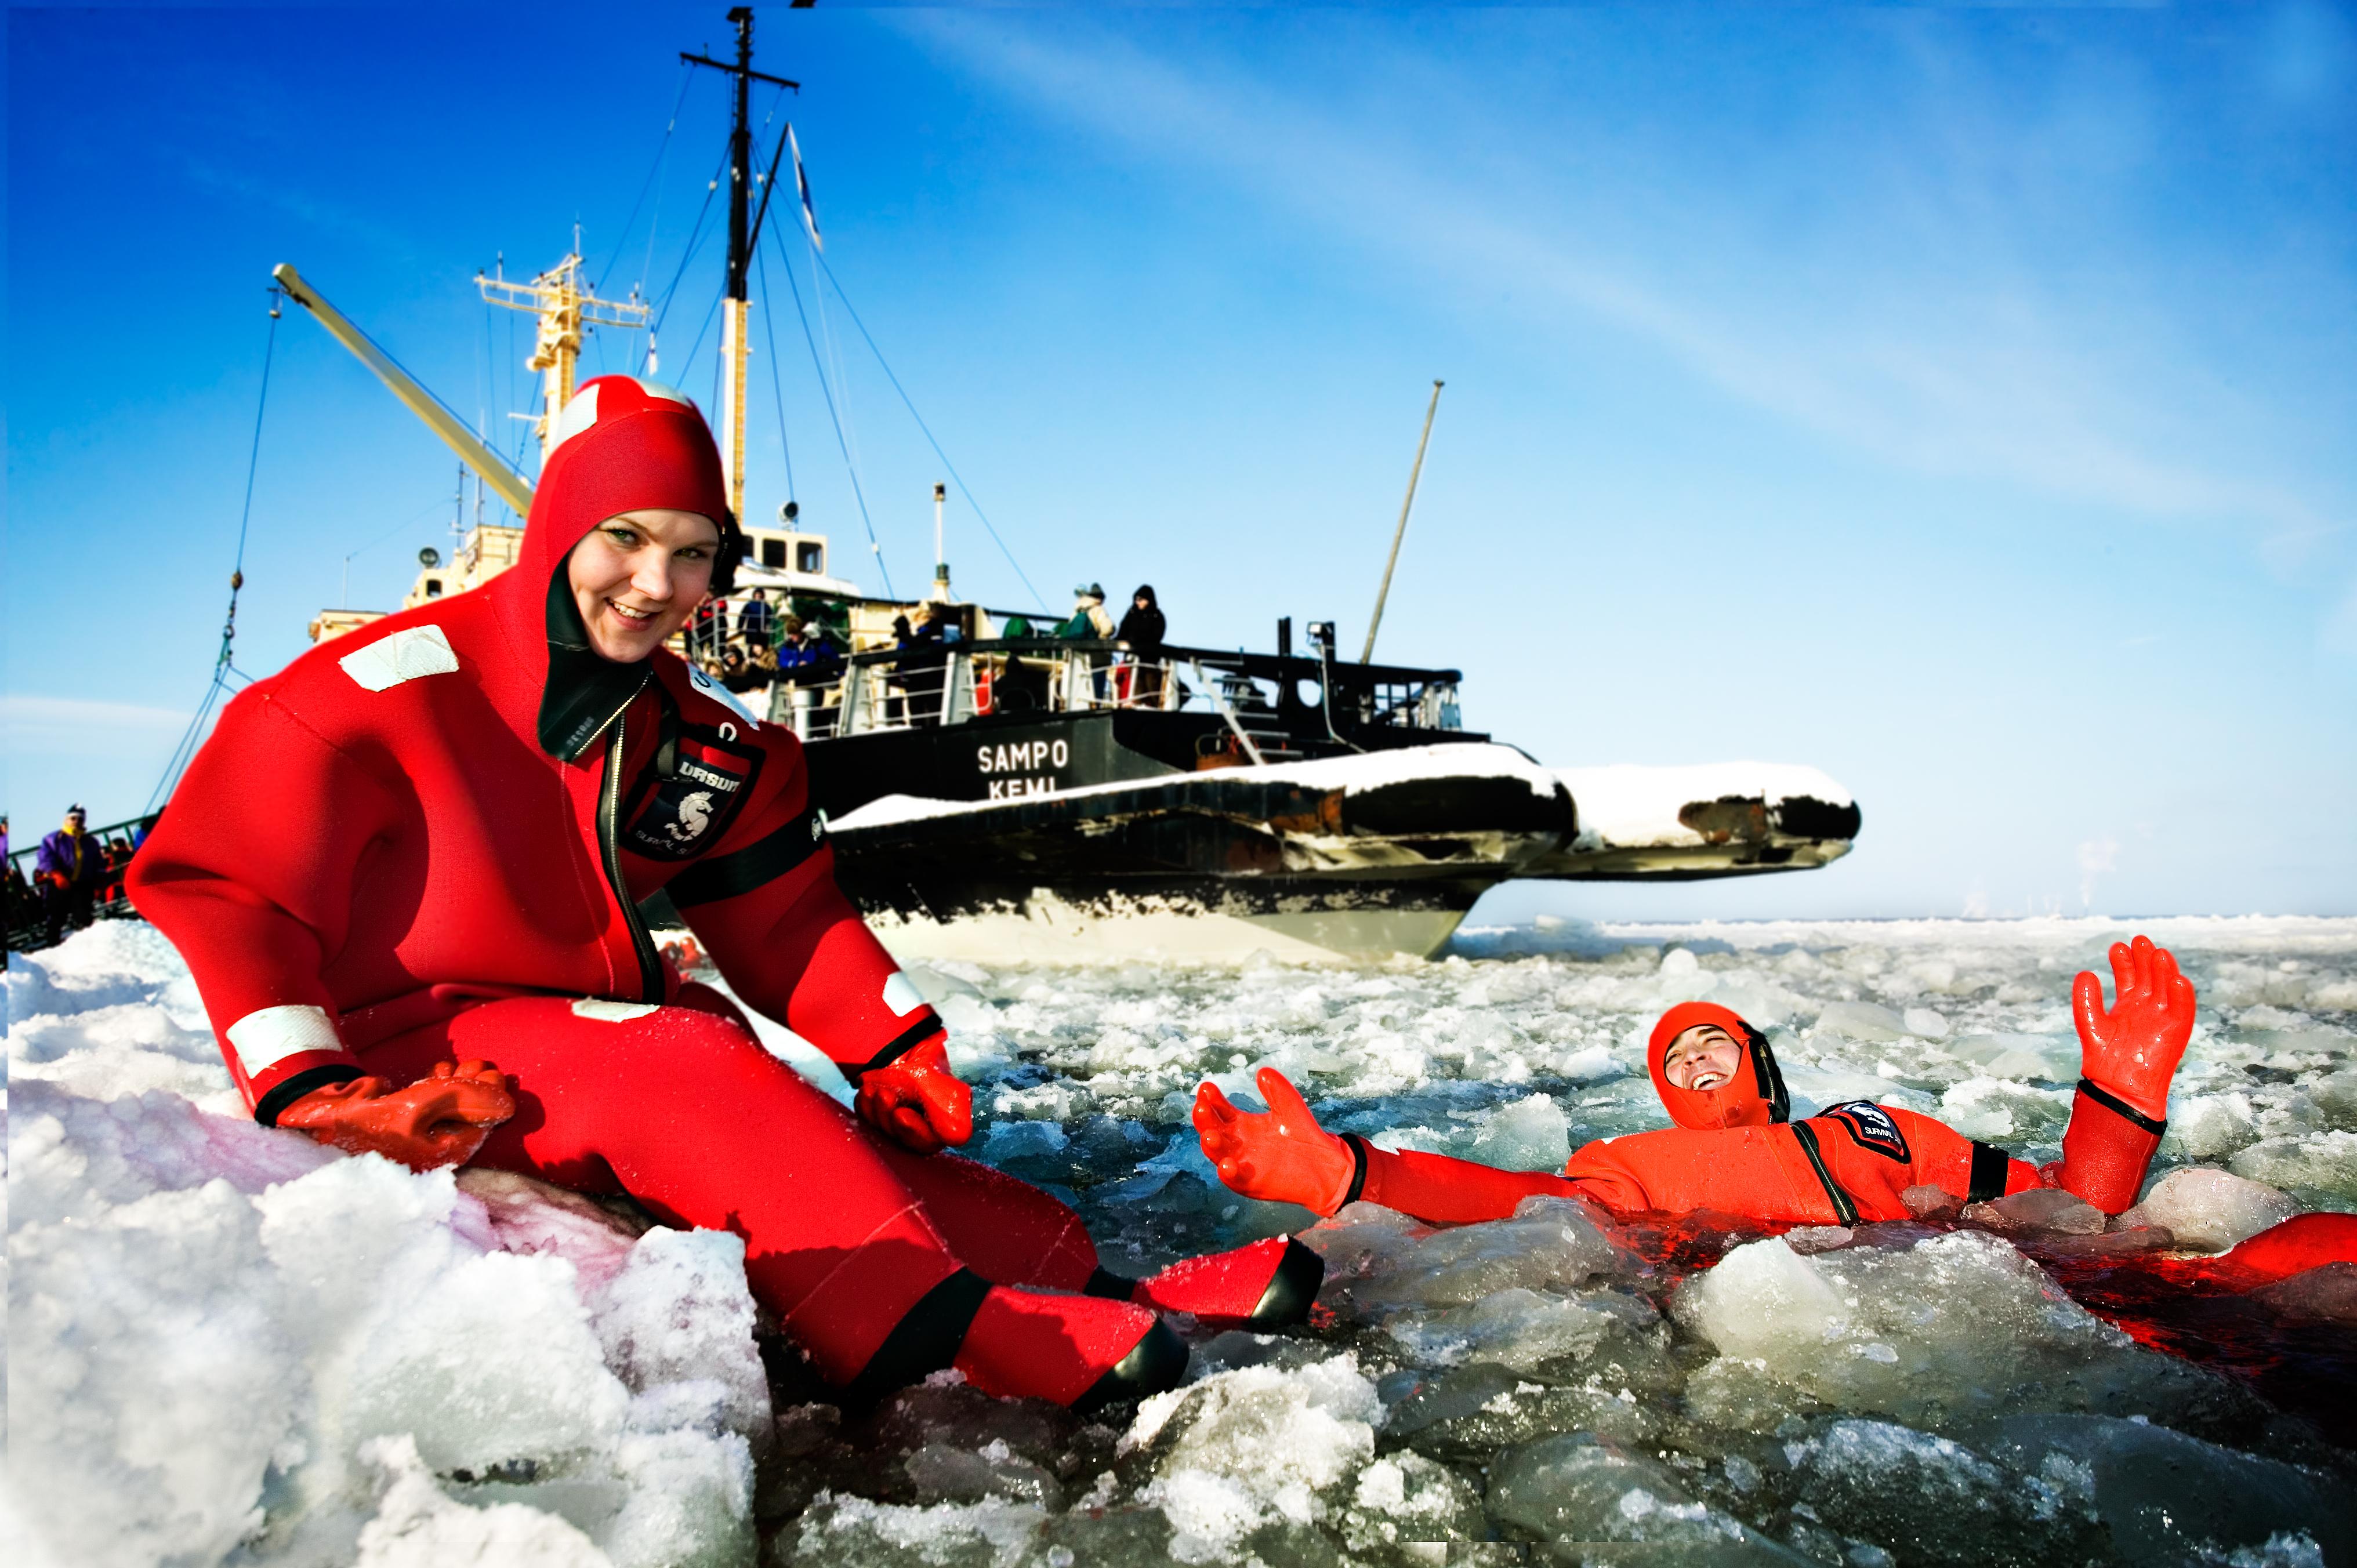 Sampo-Icebreaker-swimmer_3847